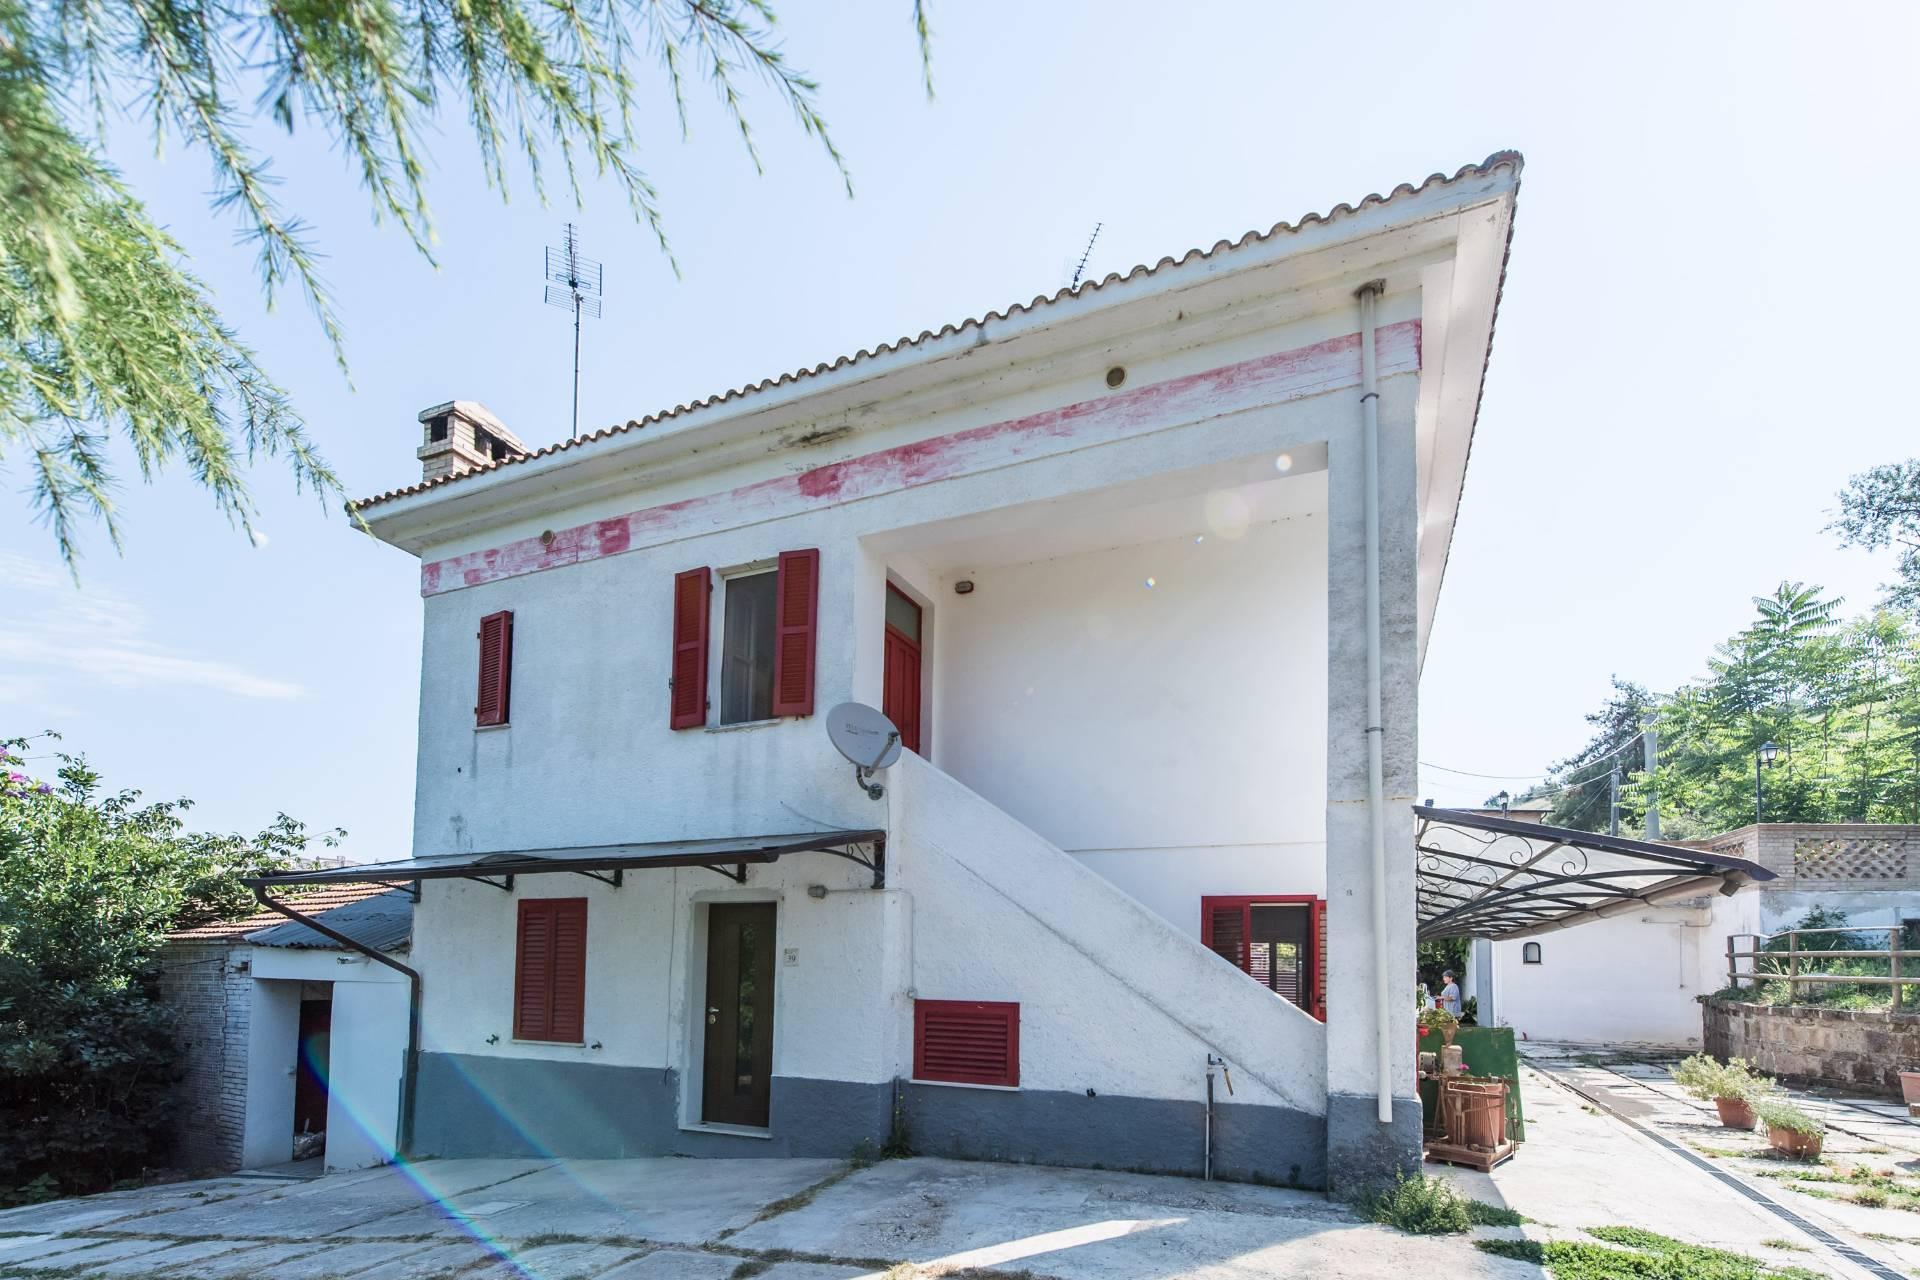 Soluzione Indipendente in vendita a Bucchianico, 9 locali, prezzo € 205.000 | Cambio Casa.it